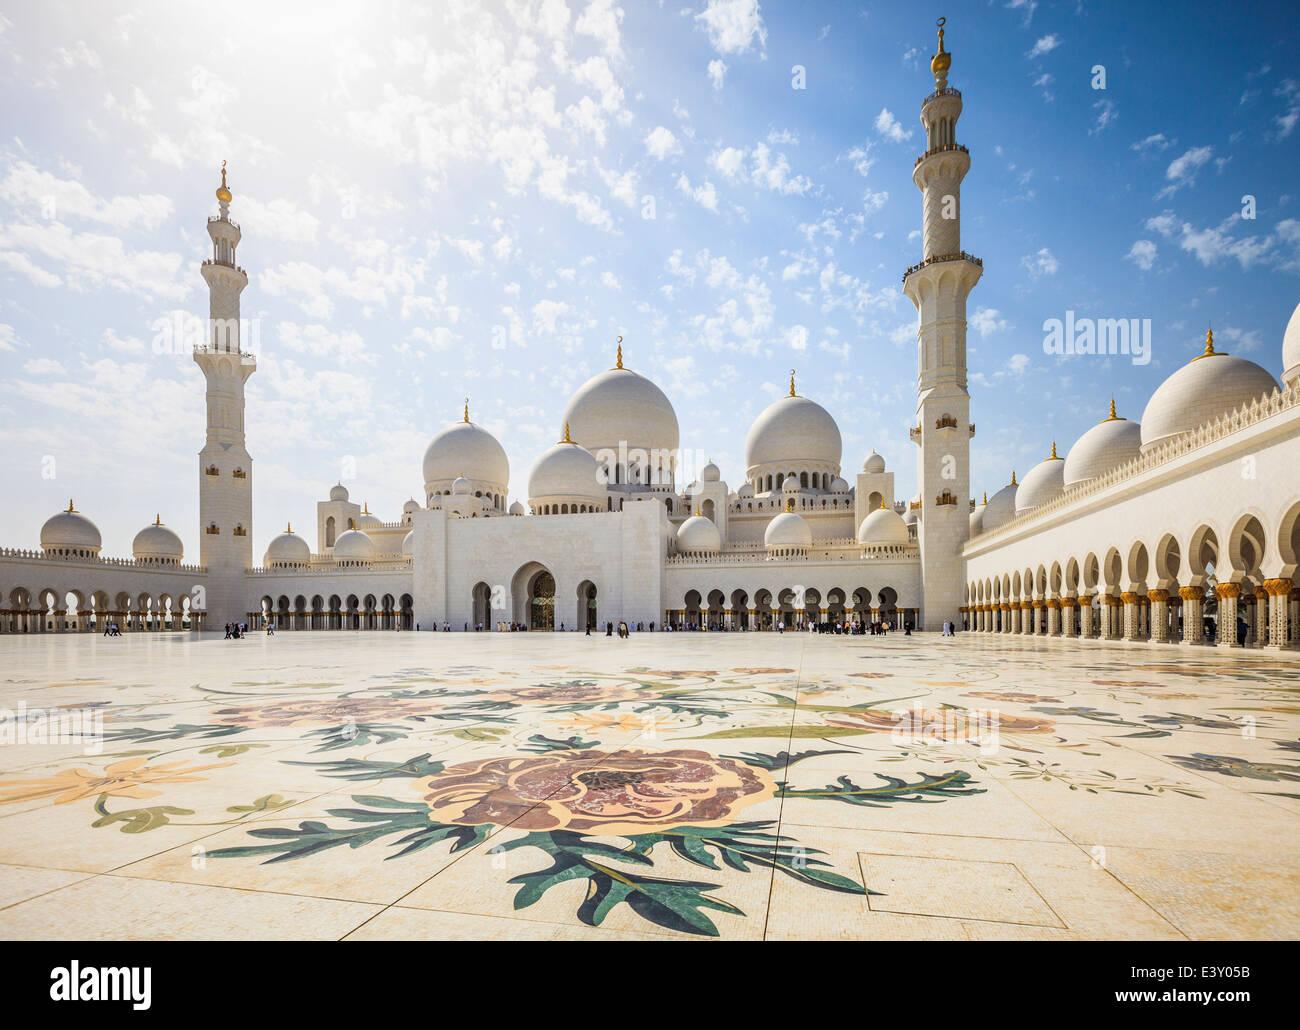 Arcos adornados de la Gran Mezquita de Sheikh Zayed, Abu Dhabi, Emiratos Arabes Unidos Imagen De Stock